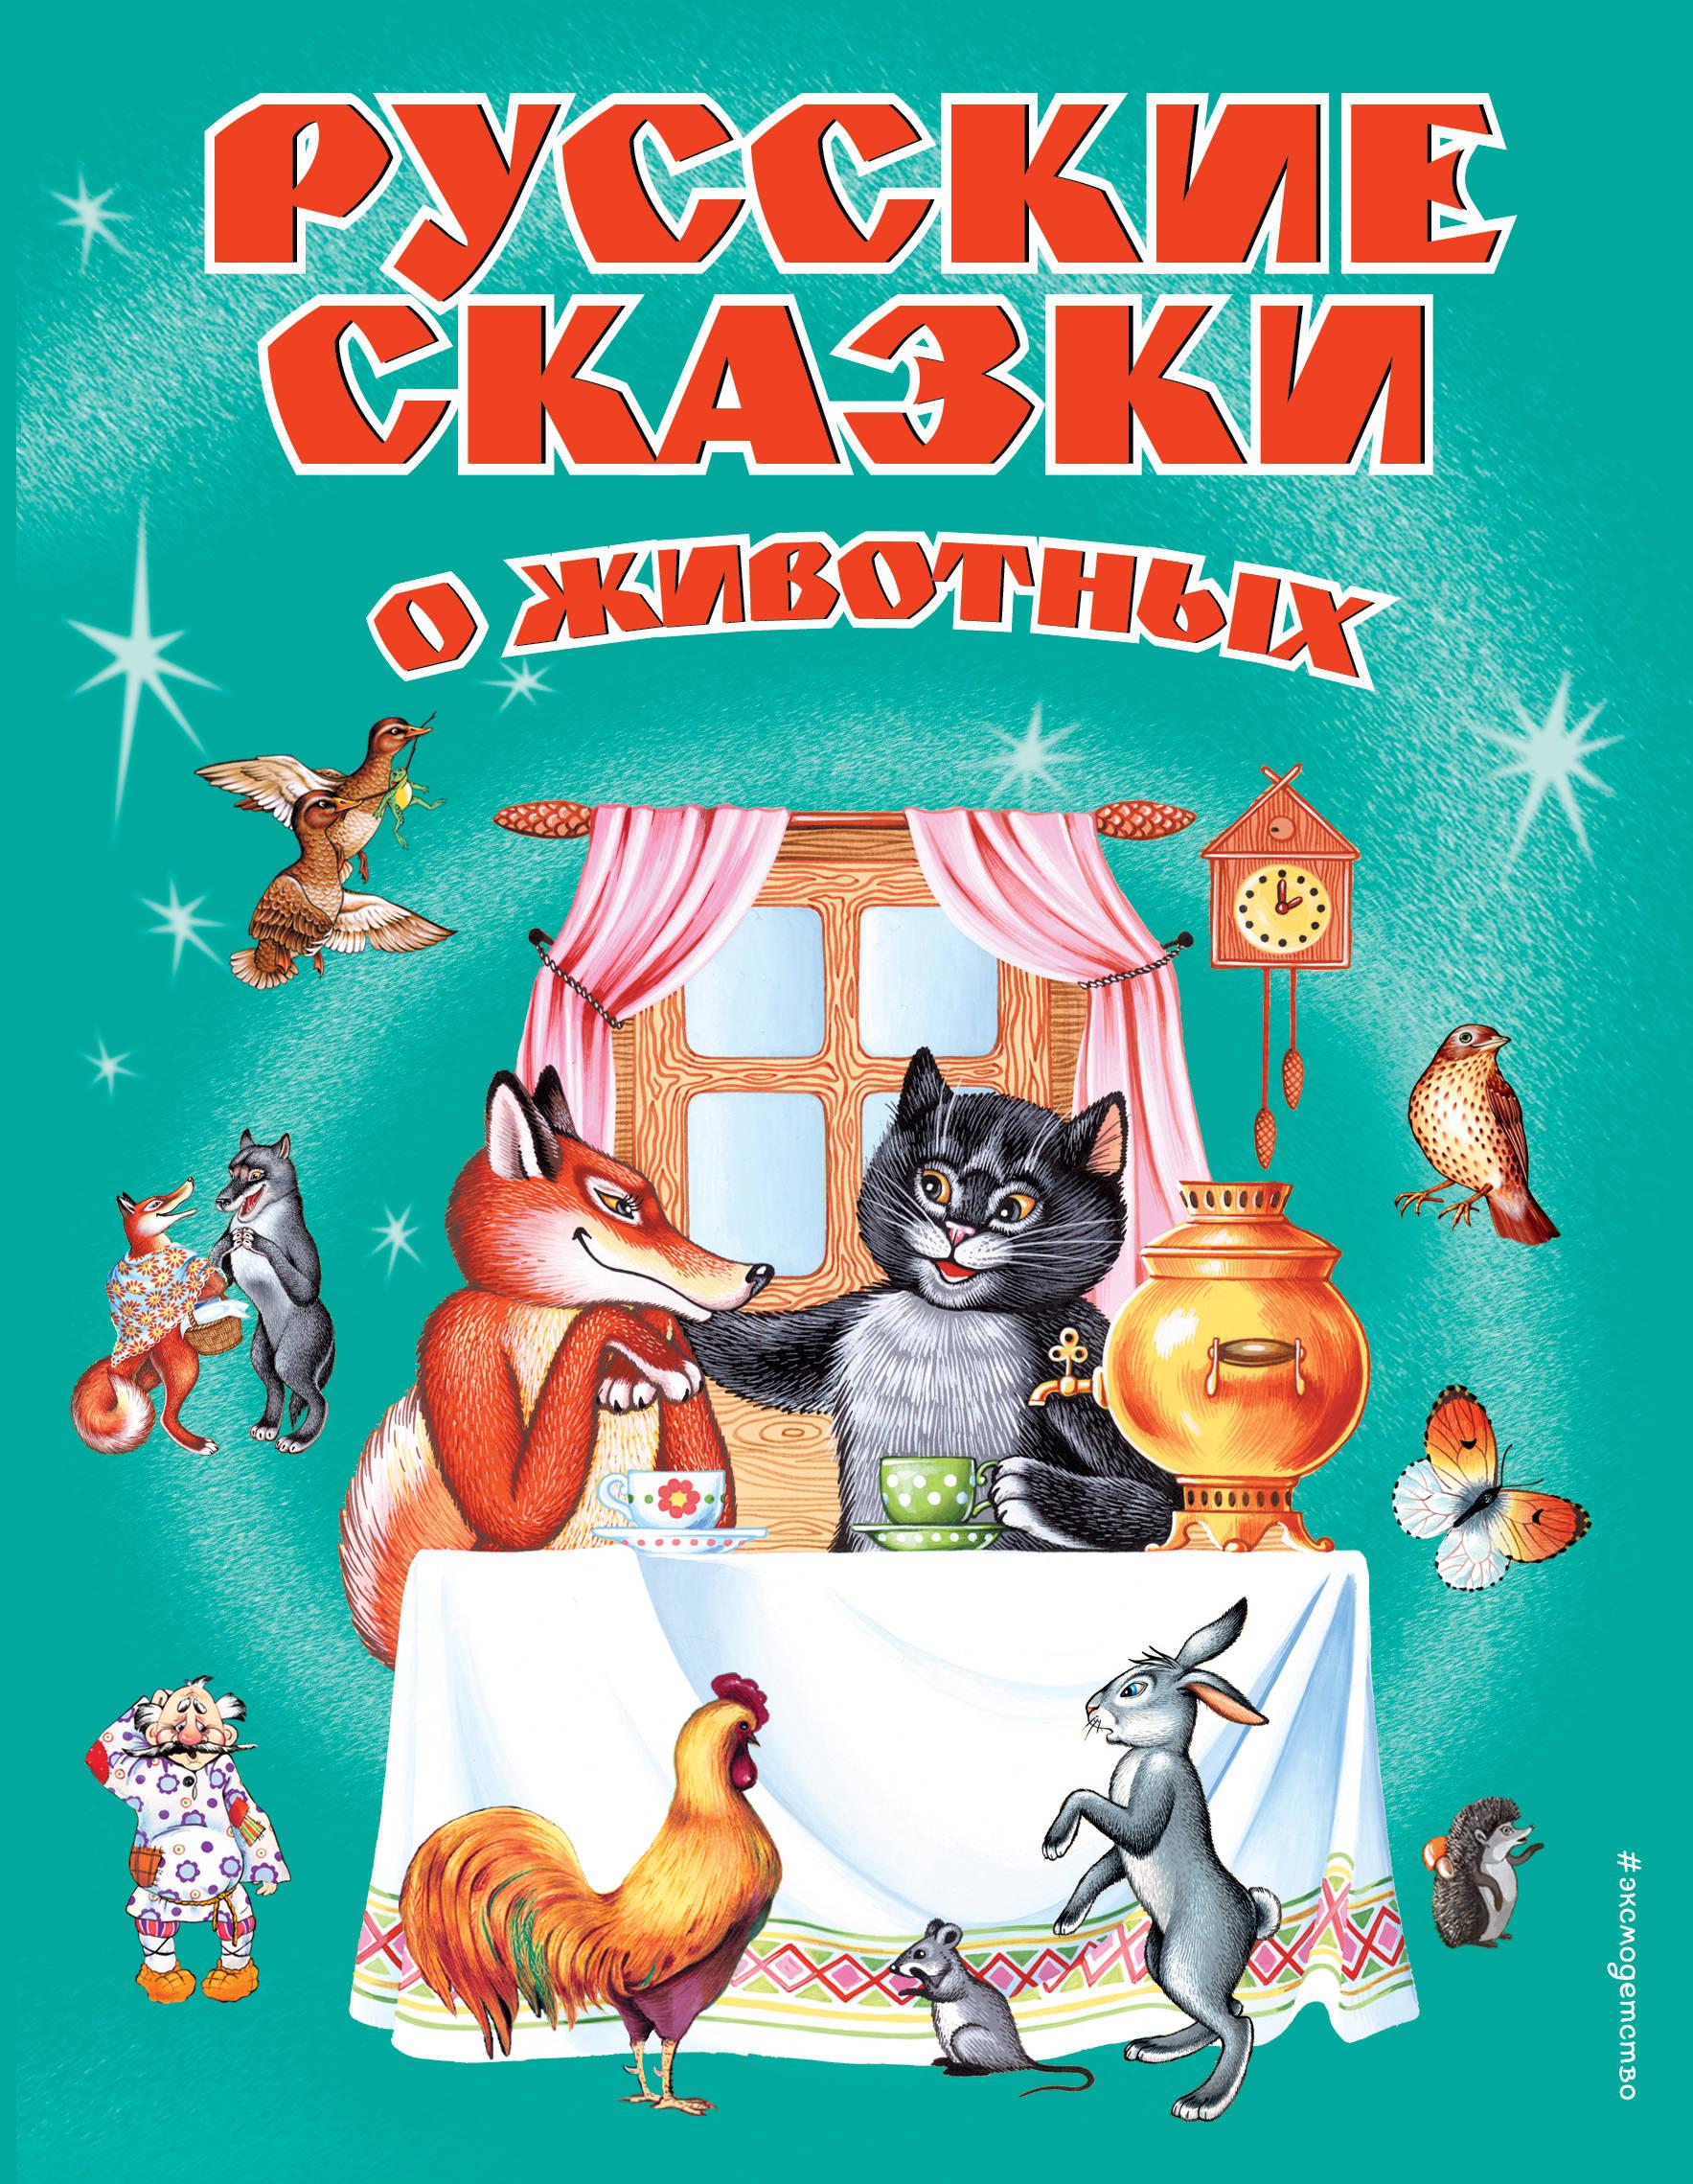 цены на Л. Н. Толстой, Д. Н. Мамин-Сибиряк, В. М. Гаршин Русские сказки о животных  в интернет-магазинах